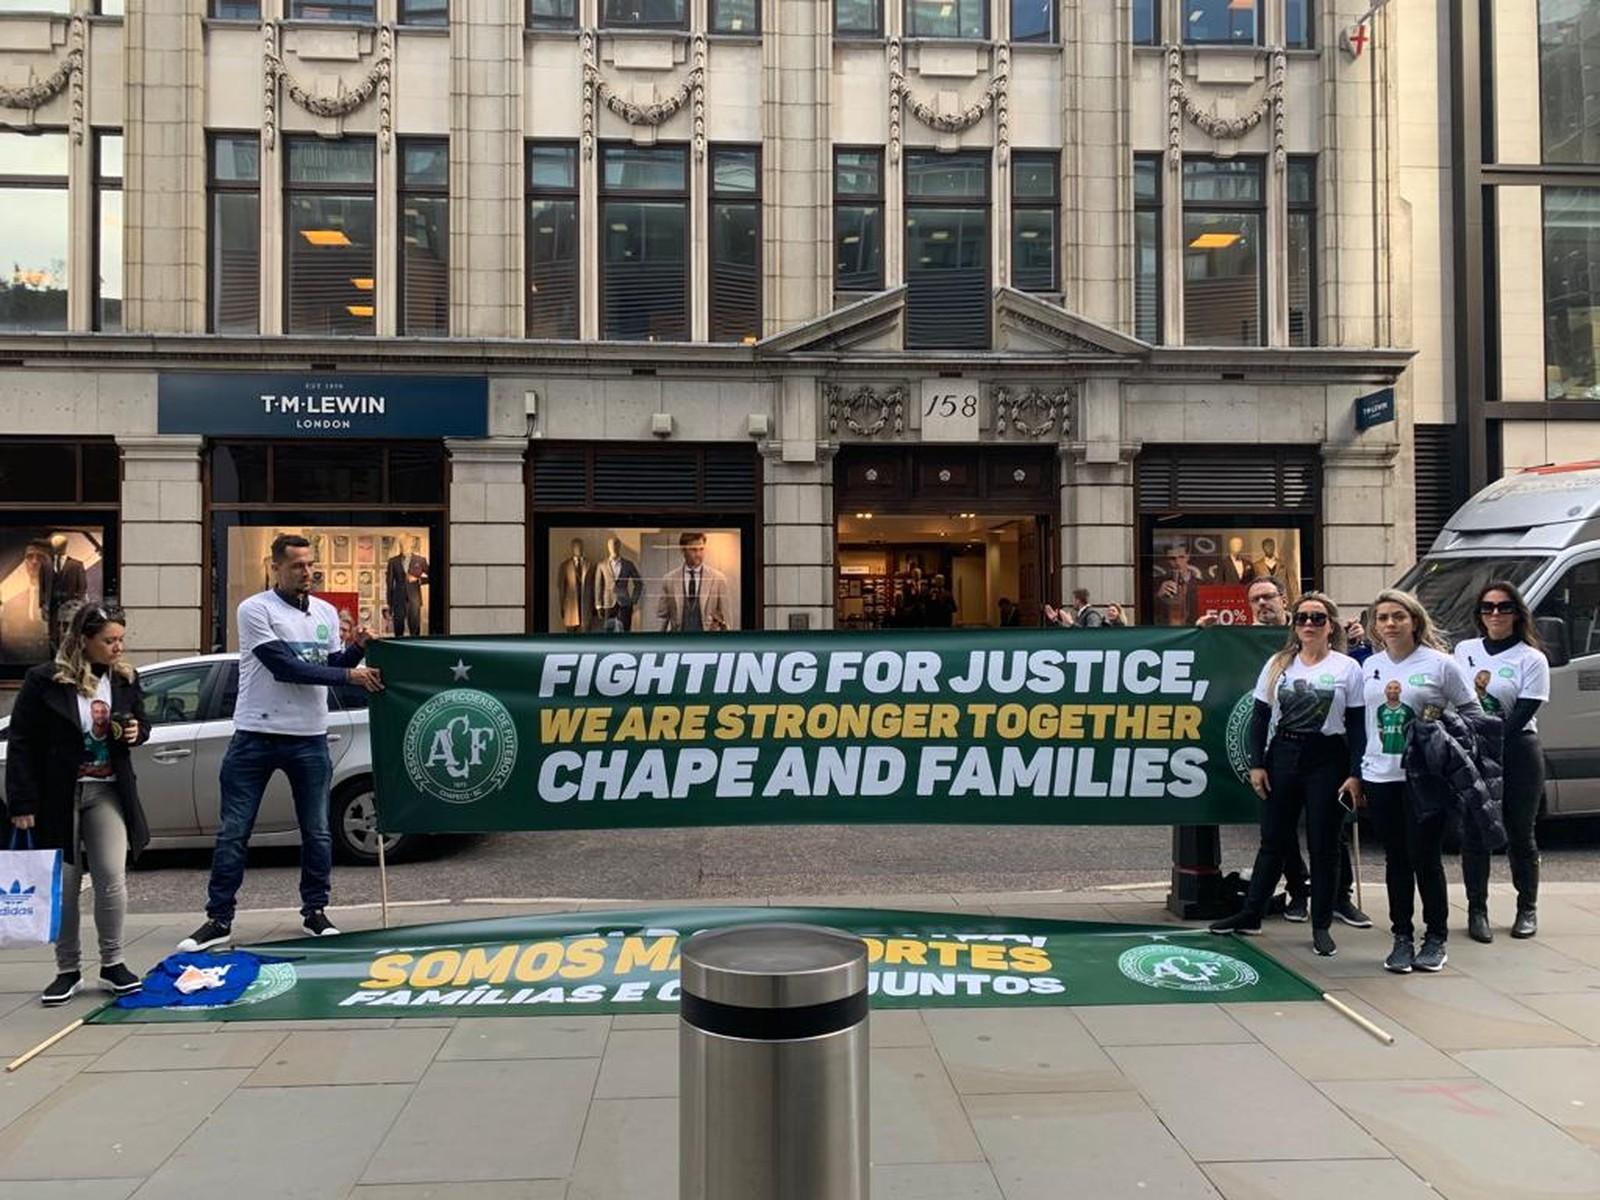 Em Londres, Neto e viúvas do acidente da Chape protestam em frente à seguradora por falta de indenizações